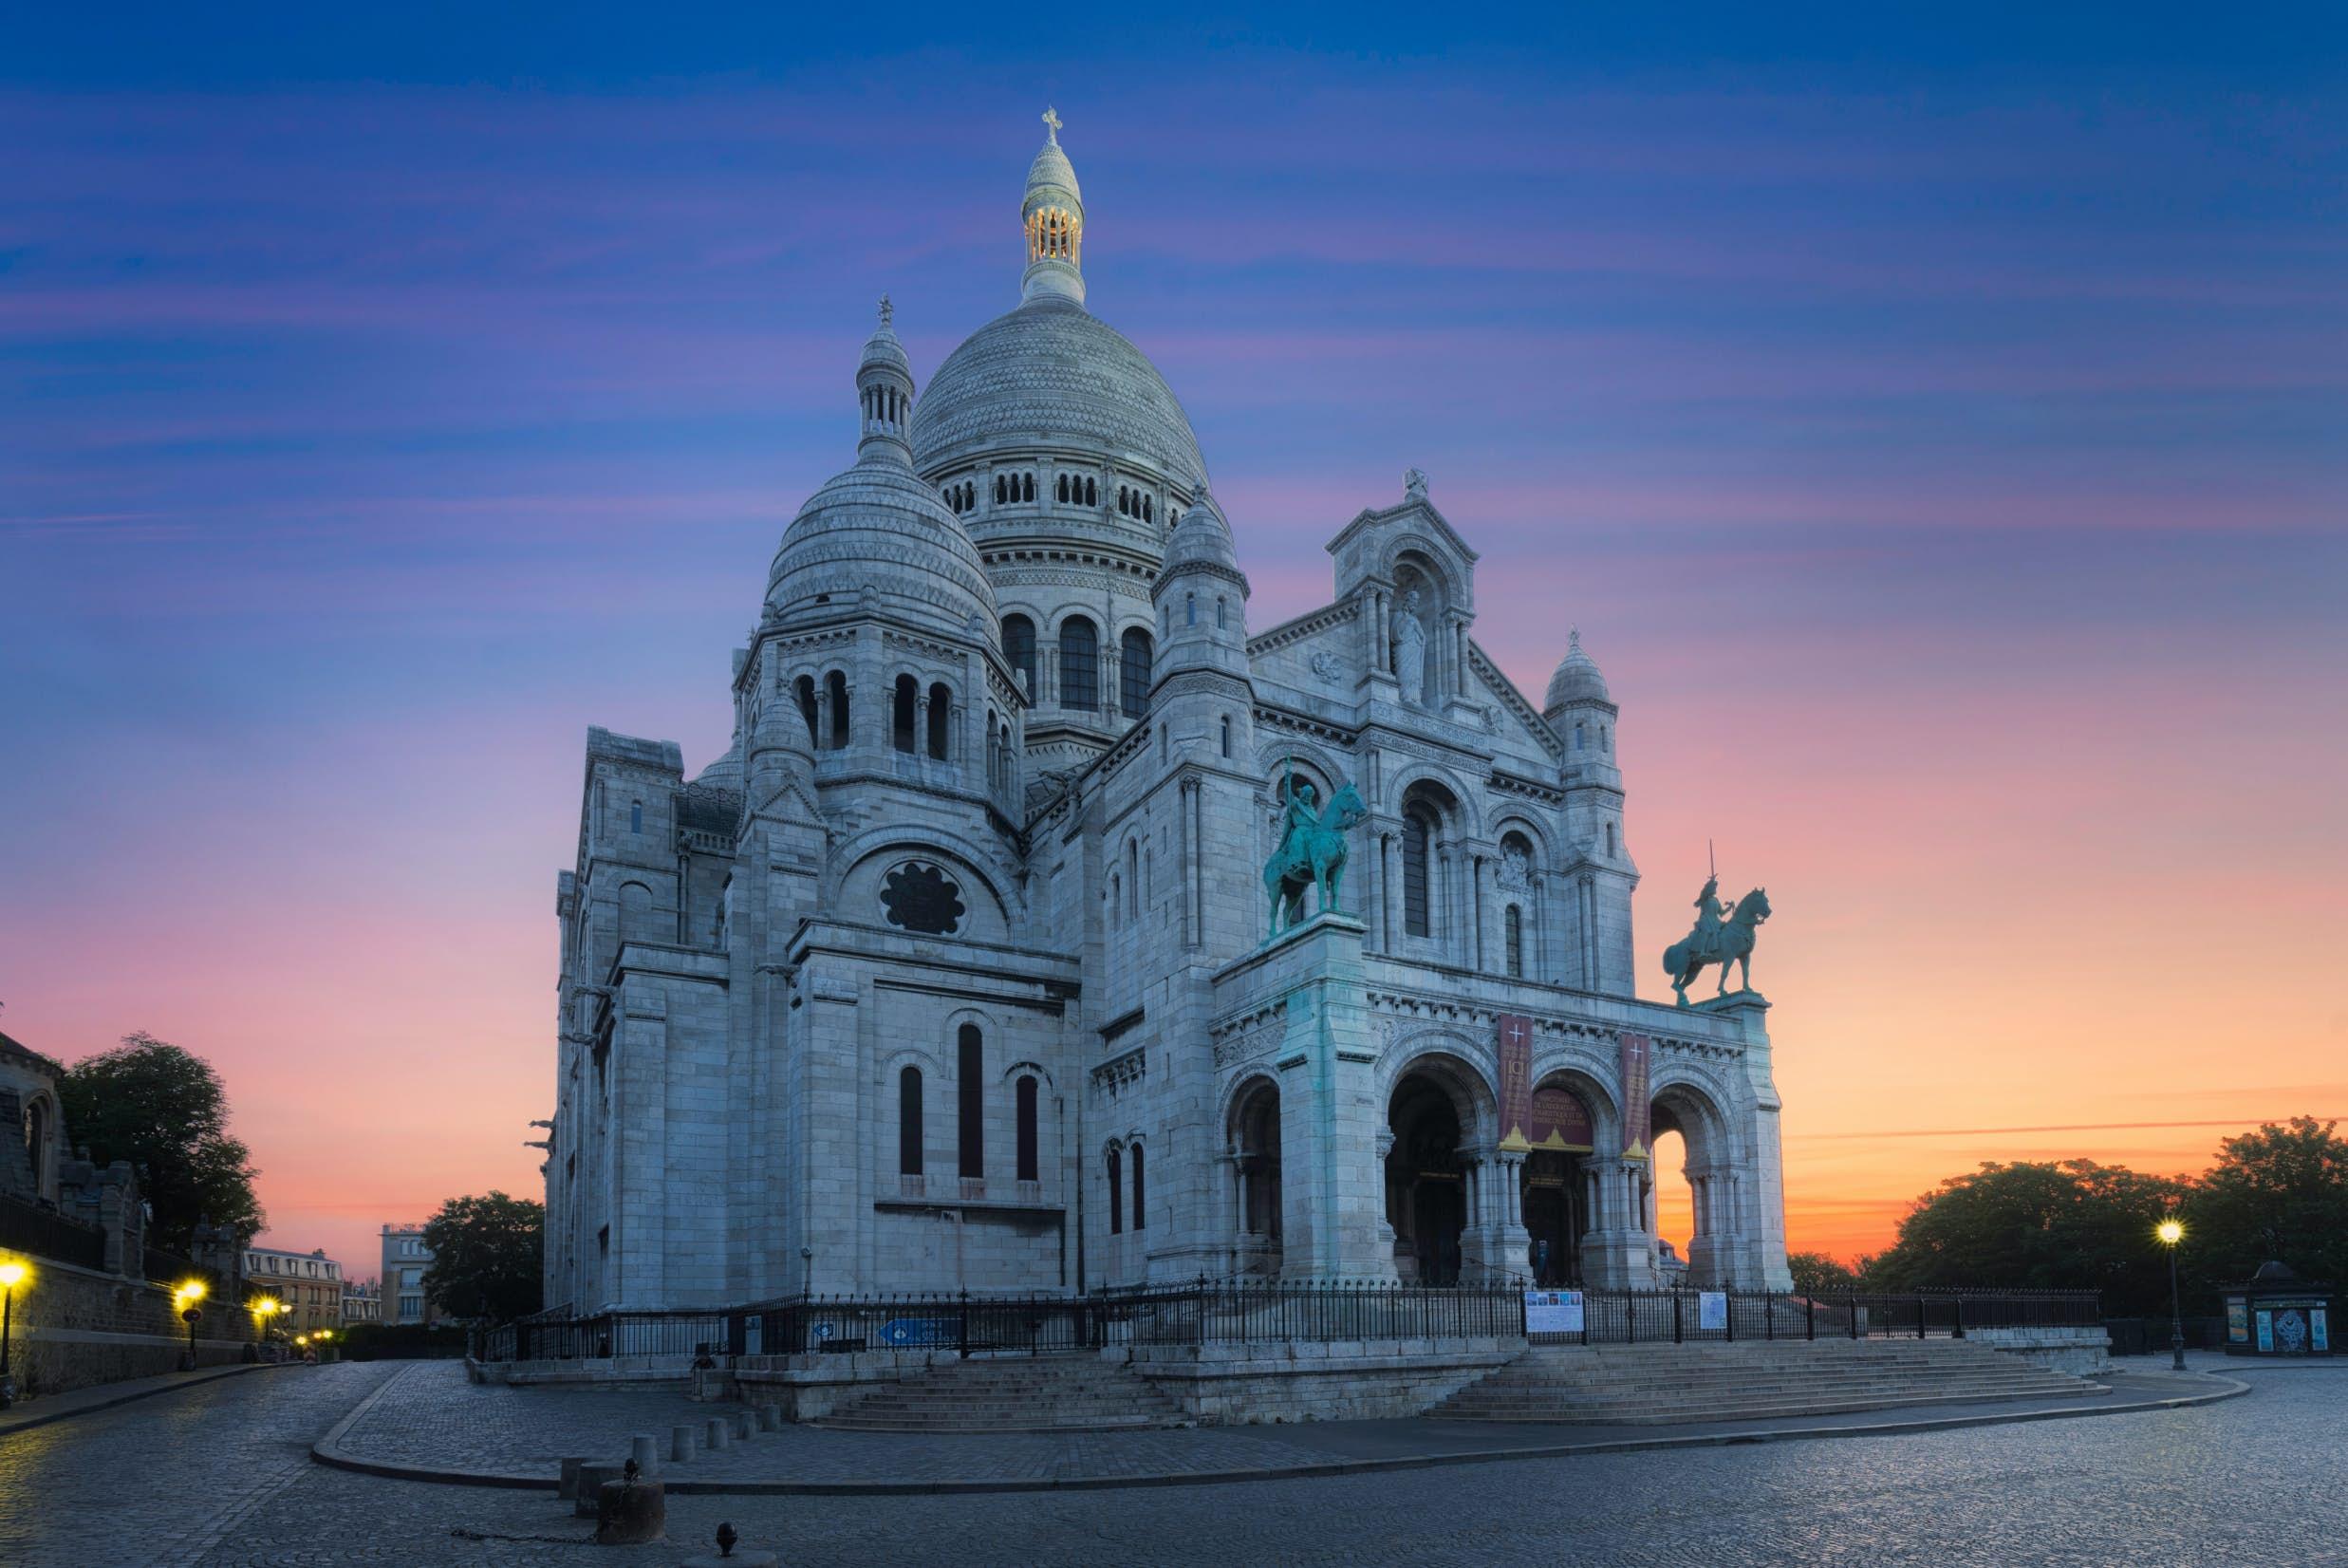 Basilique du Sacré-Cœur | Paris, France Attractions - Lonely Planet